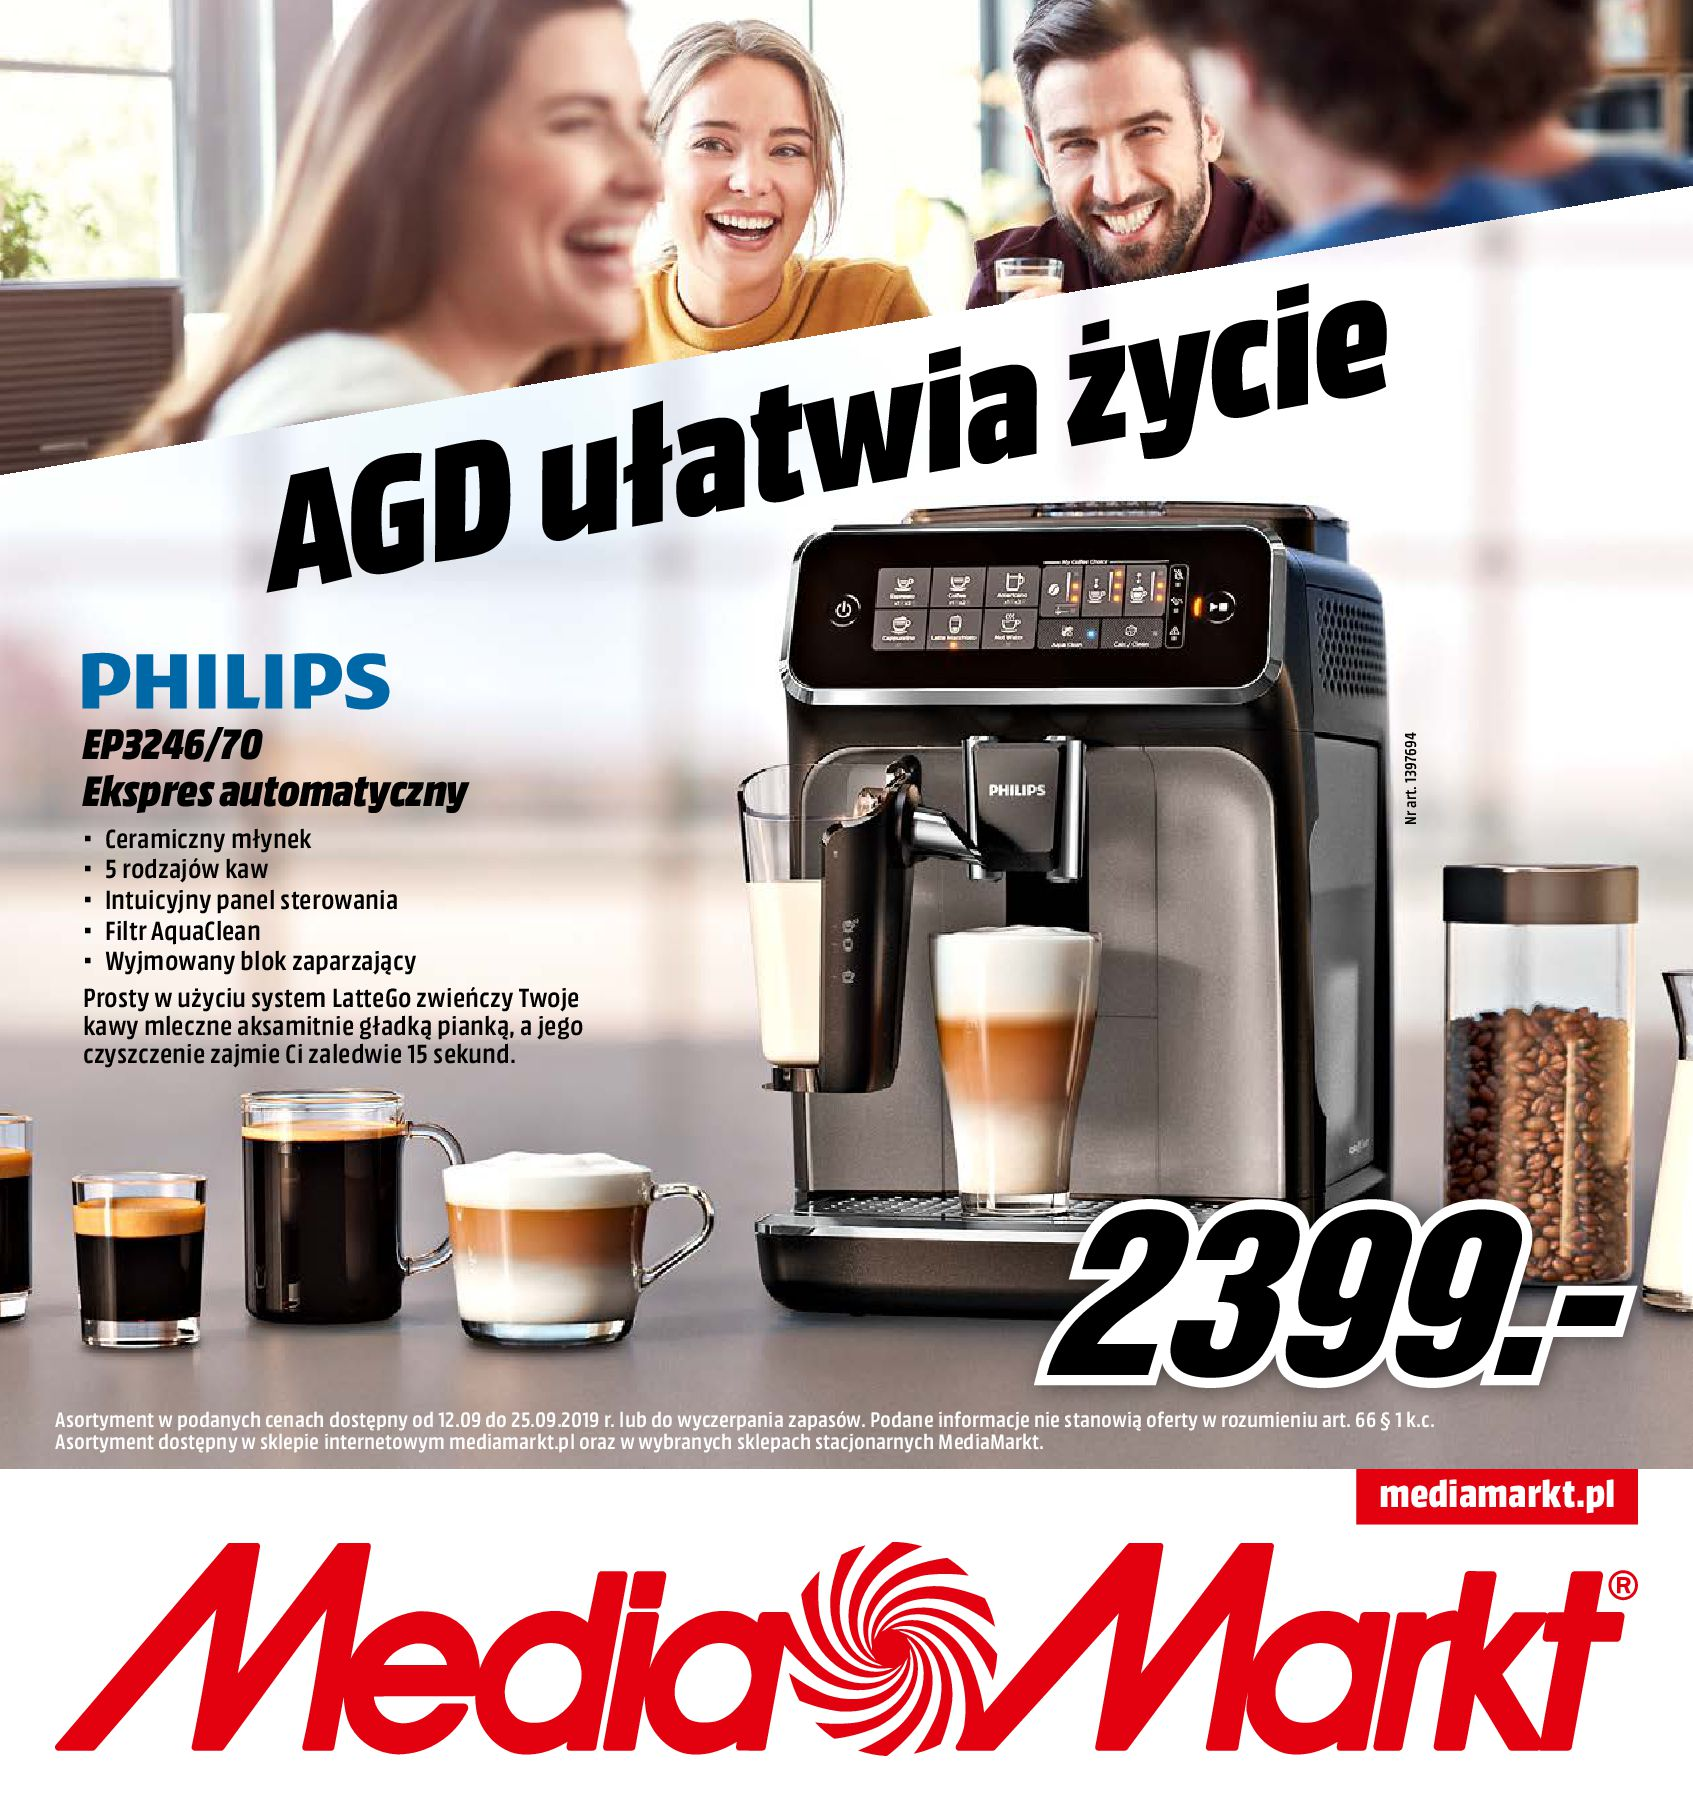 Gazetka Media Markt - AGD ułatwia życie-11.09.2019-25.09.2019-page-1